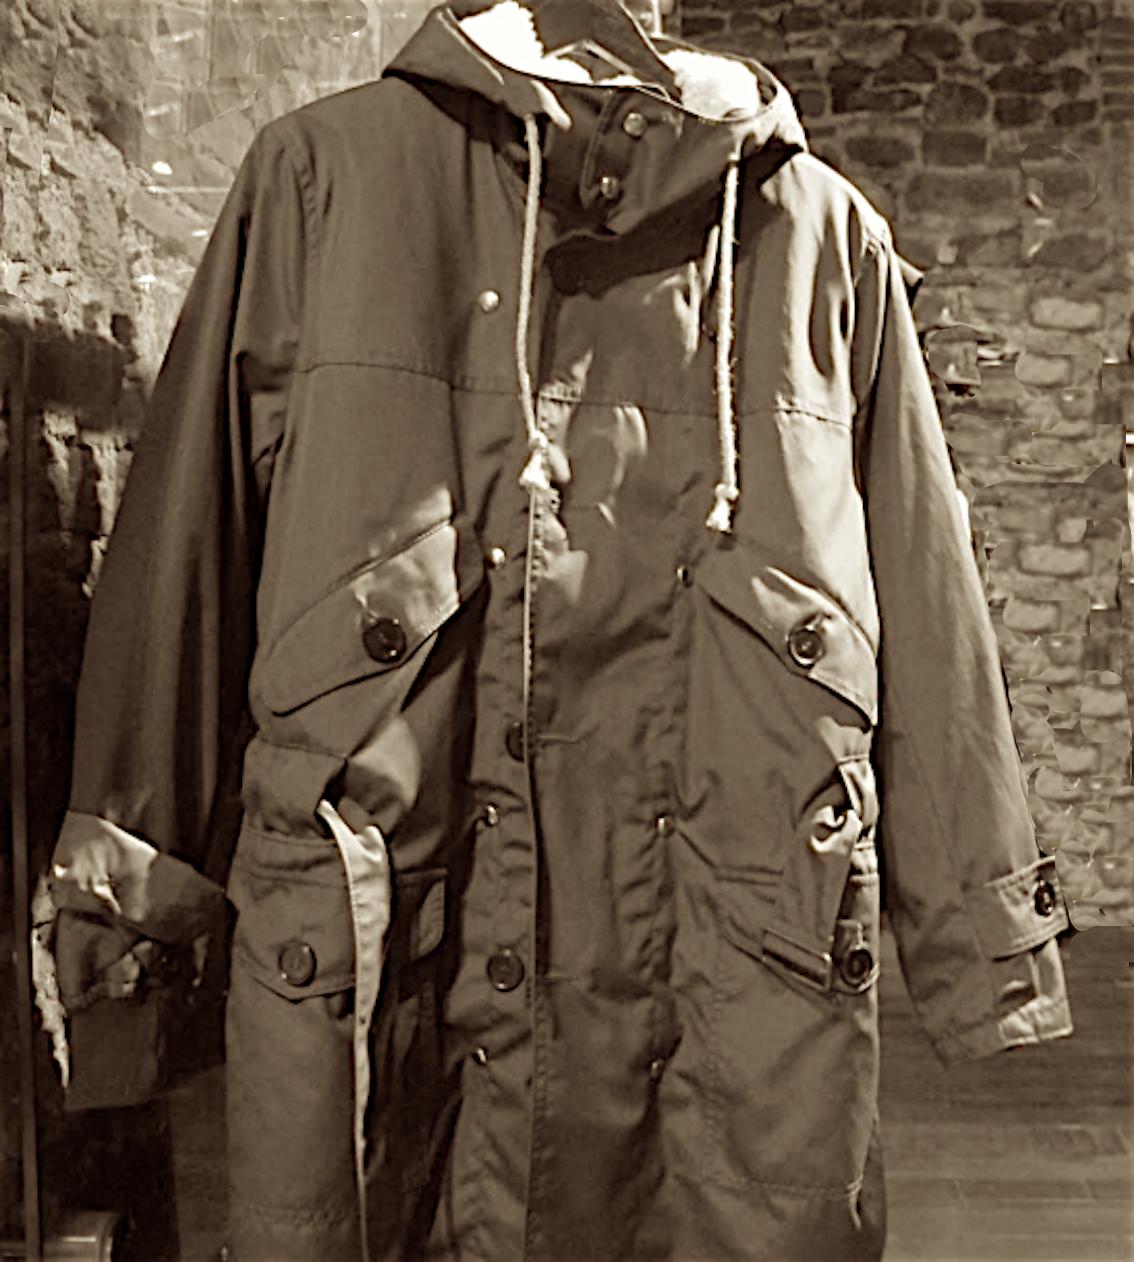 Eskimo Anni 70.Eskimo La Moda Della Contestazione